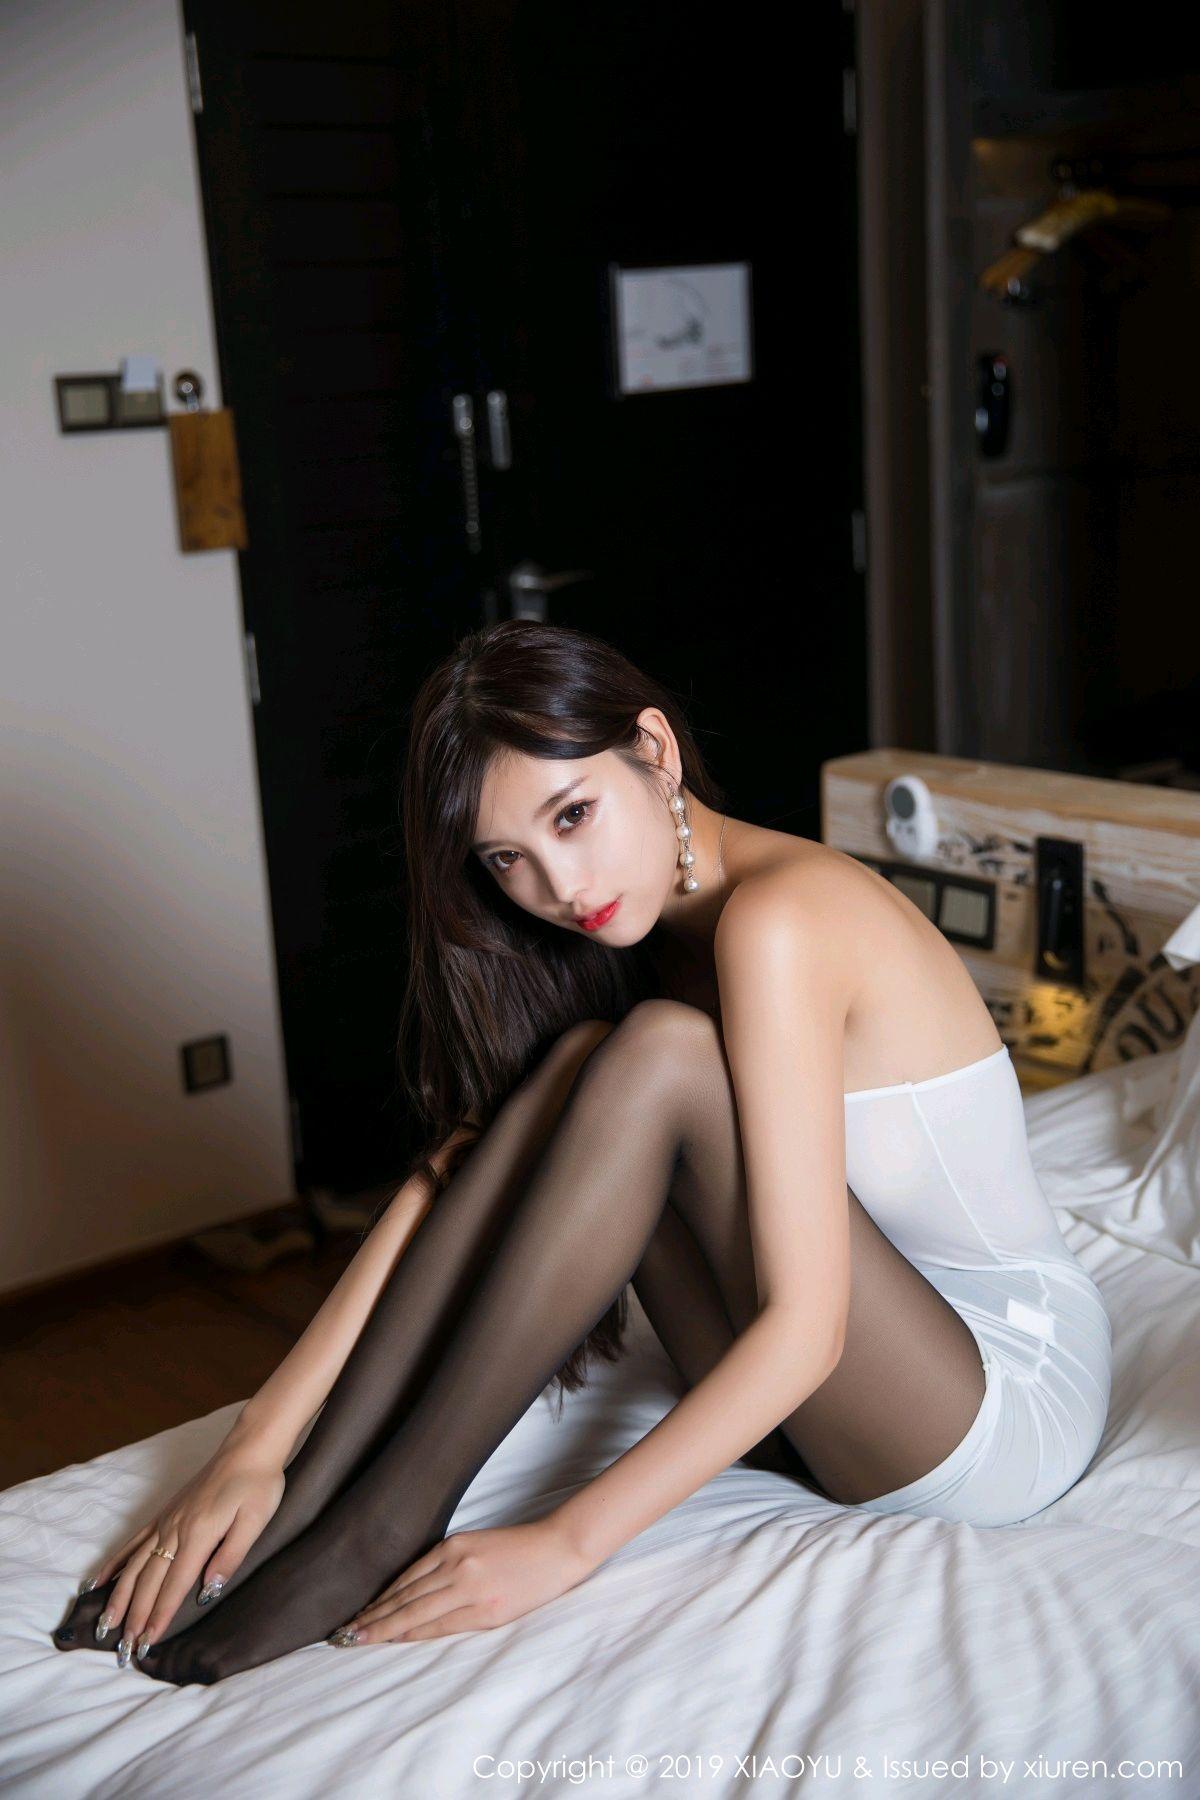 [XiaoYu] Vol.138 Yang Chen Chen 43P, Black Silk, Tall, XiaoYu, Yang Chen Chen